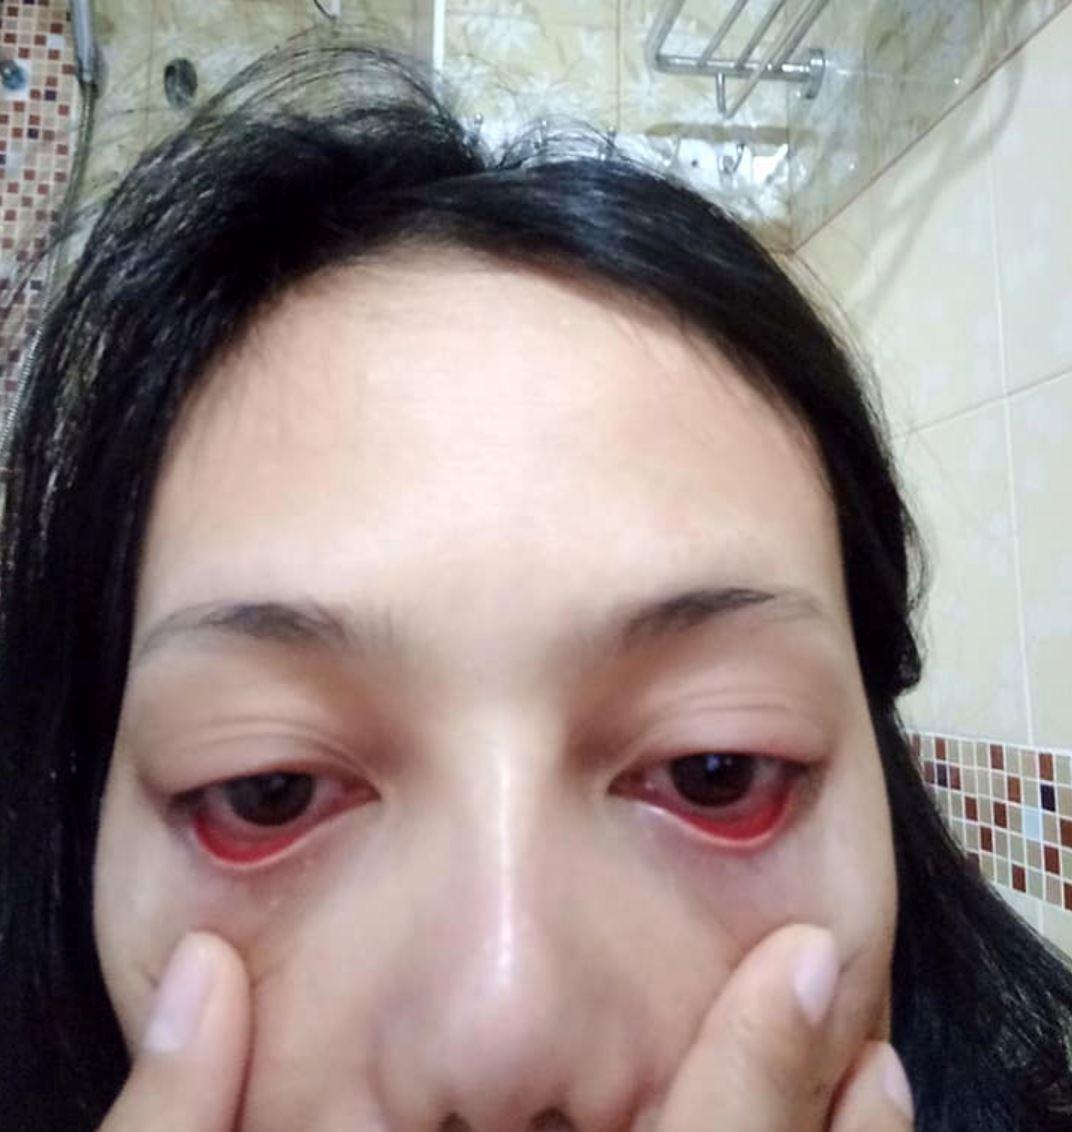 wanita pergi salon nak panjangkan bulu mata, bila balik salon bulu mata tiada